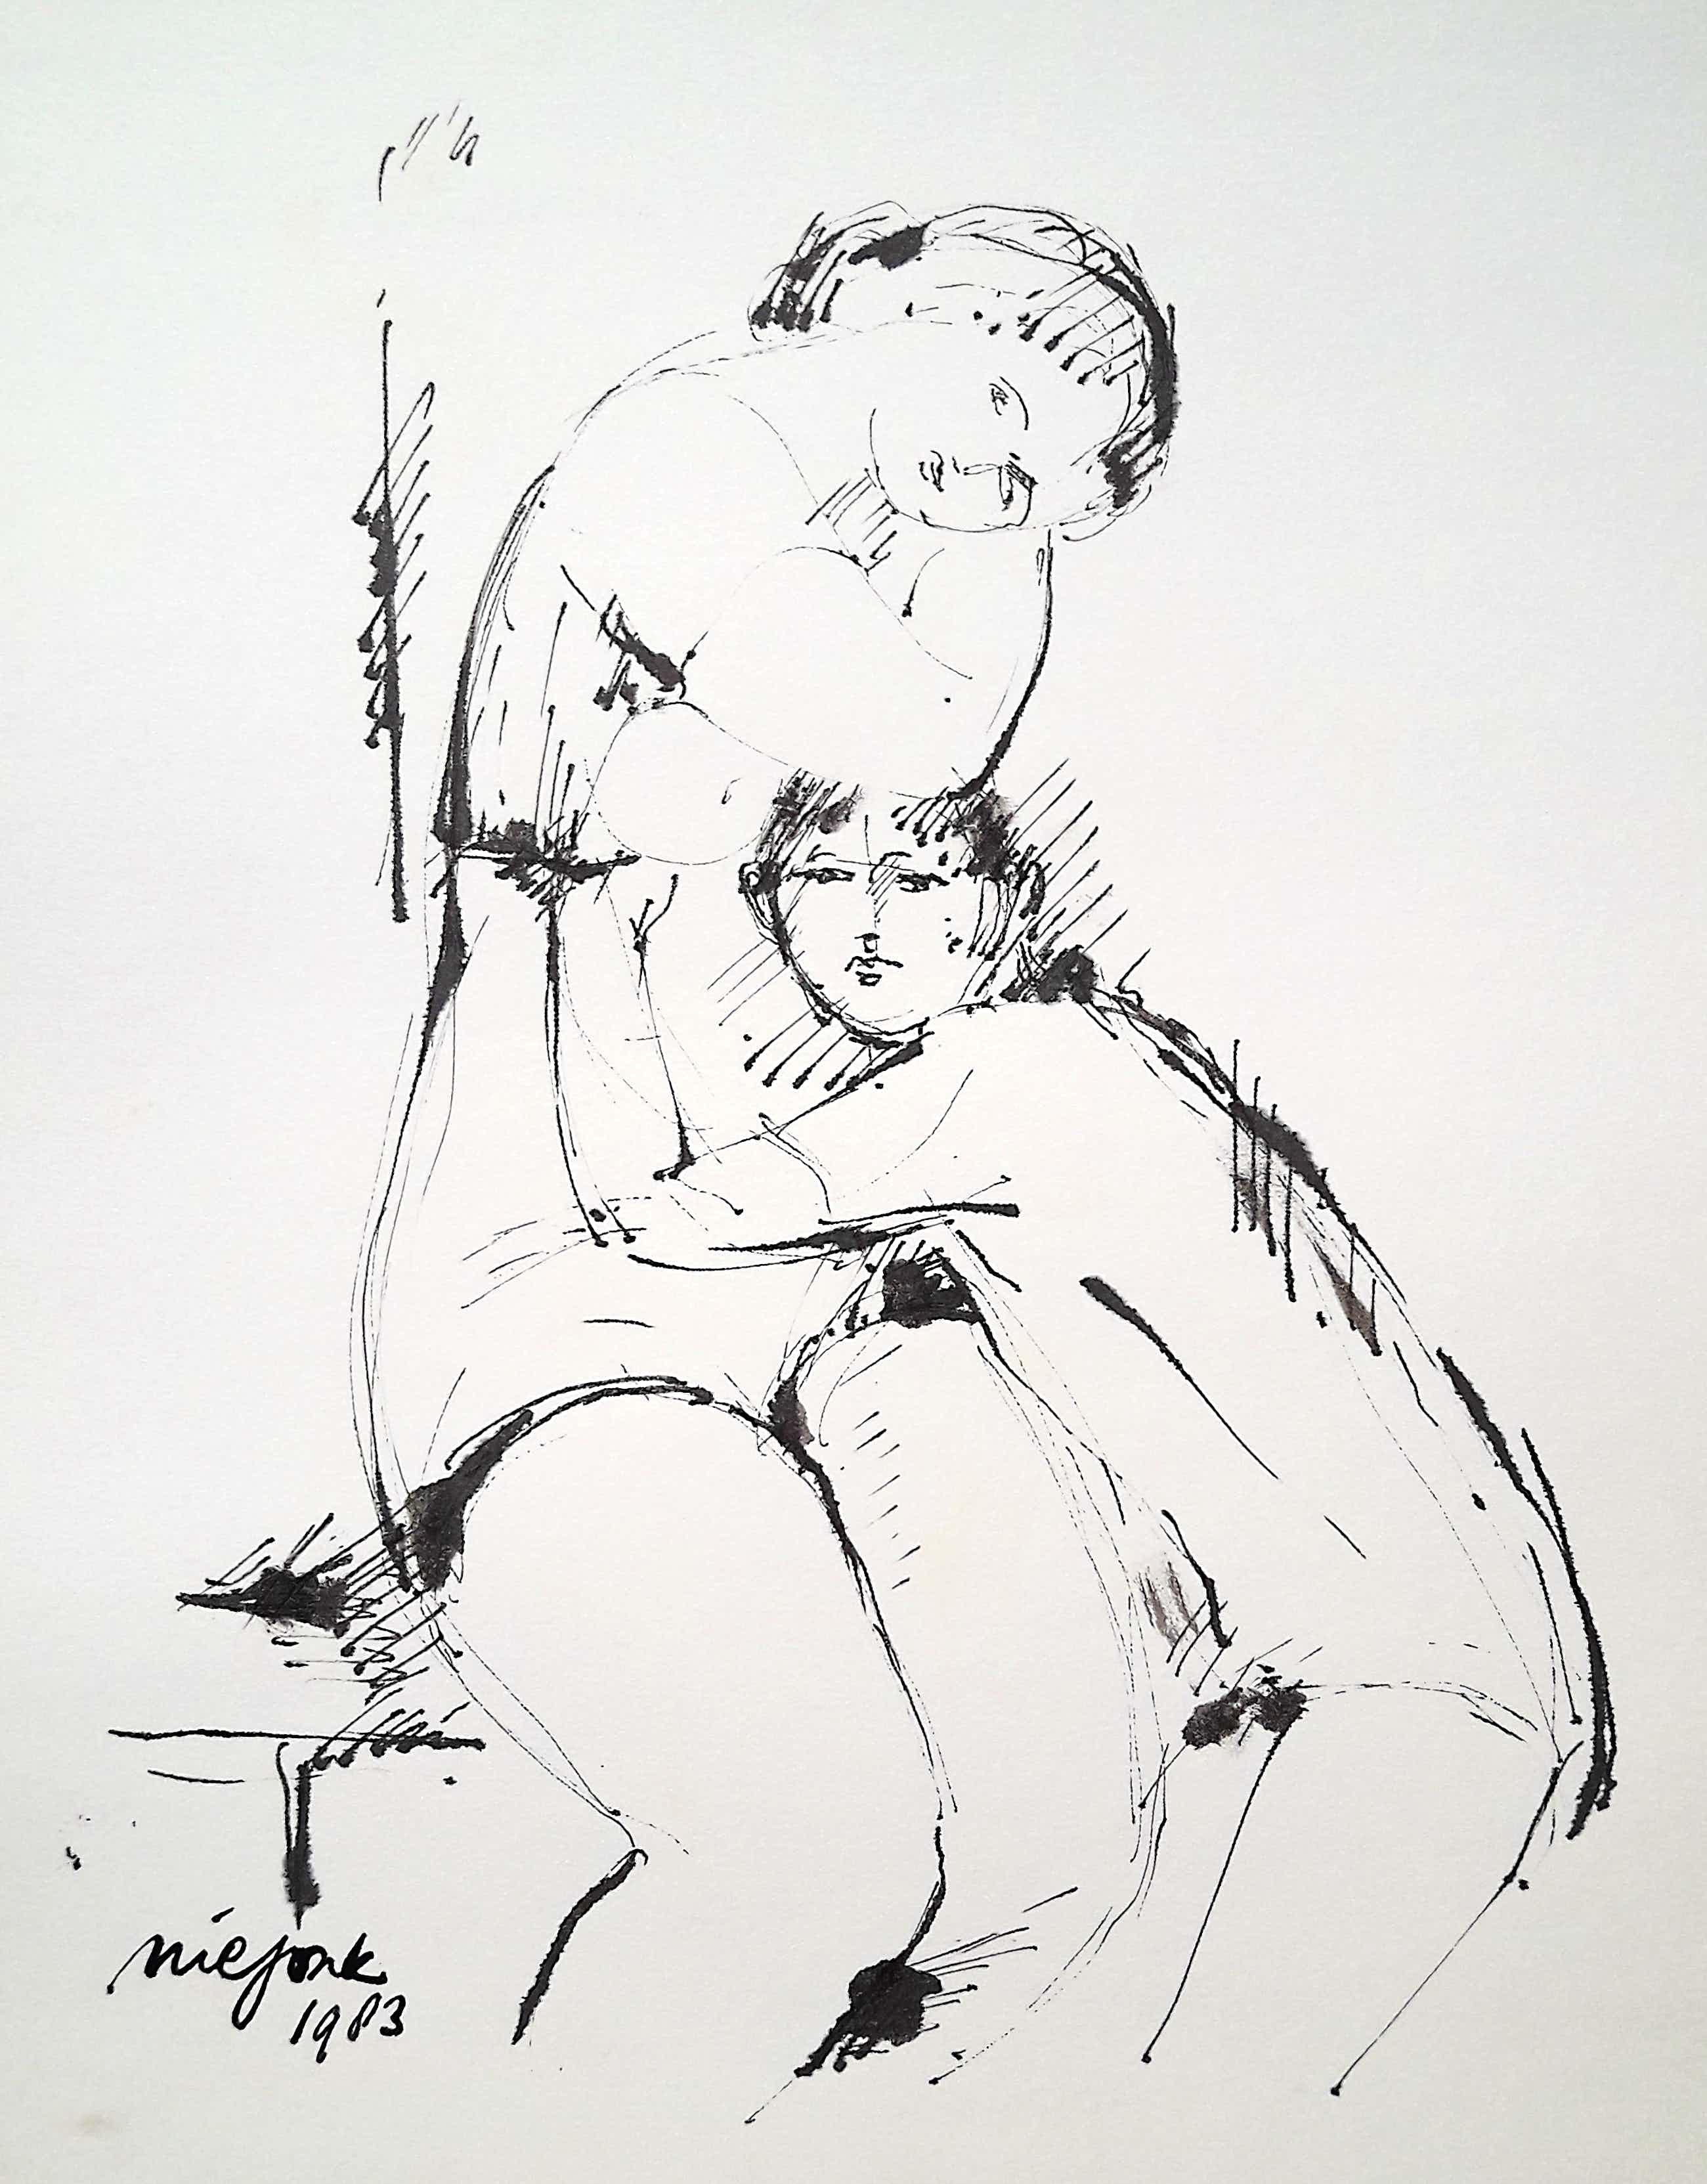 Nic Jonk - Vrouw met zoon, tekening op papier kopen? Bied vanaf 50!